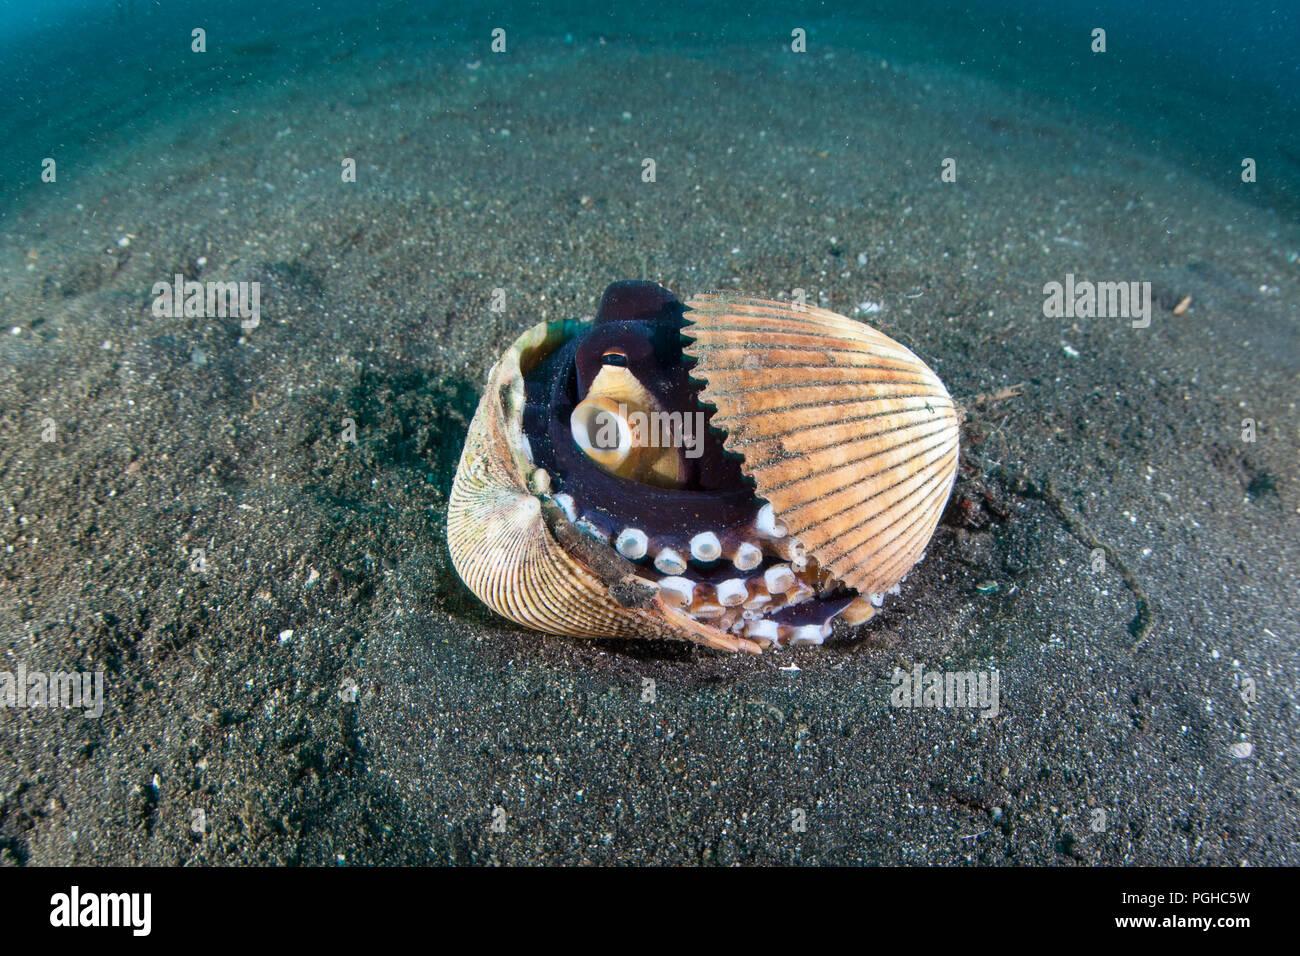 Una noce di cocco octopus utilizza vuoti gusci di vongole per nascondere il nero del fondale di sabbia di Lembeh strait. Immagini Stock